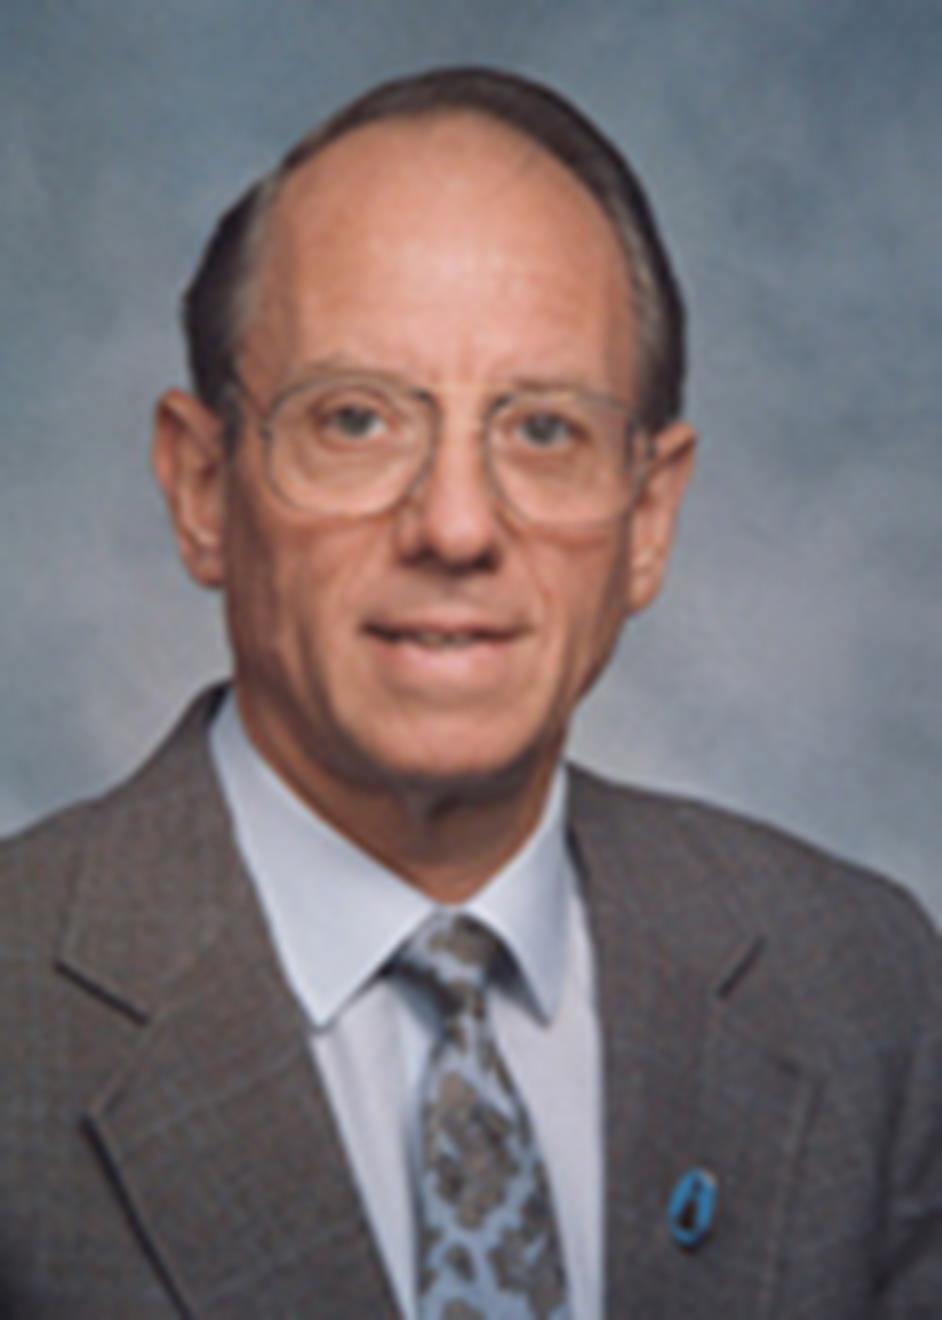 Paul Rosene